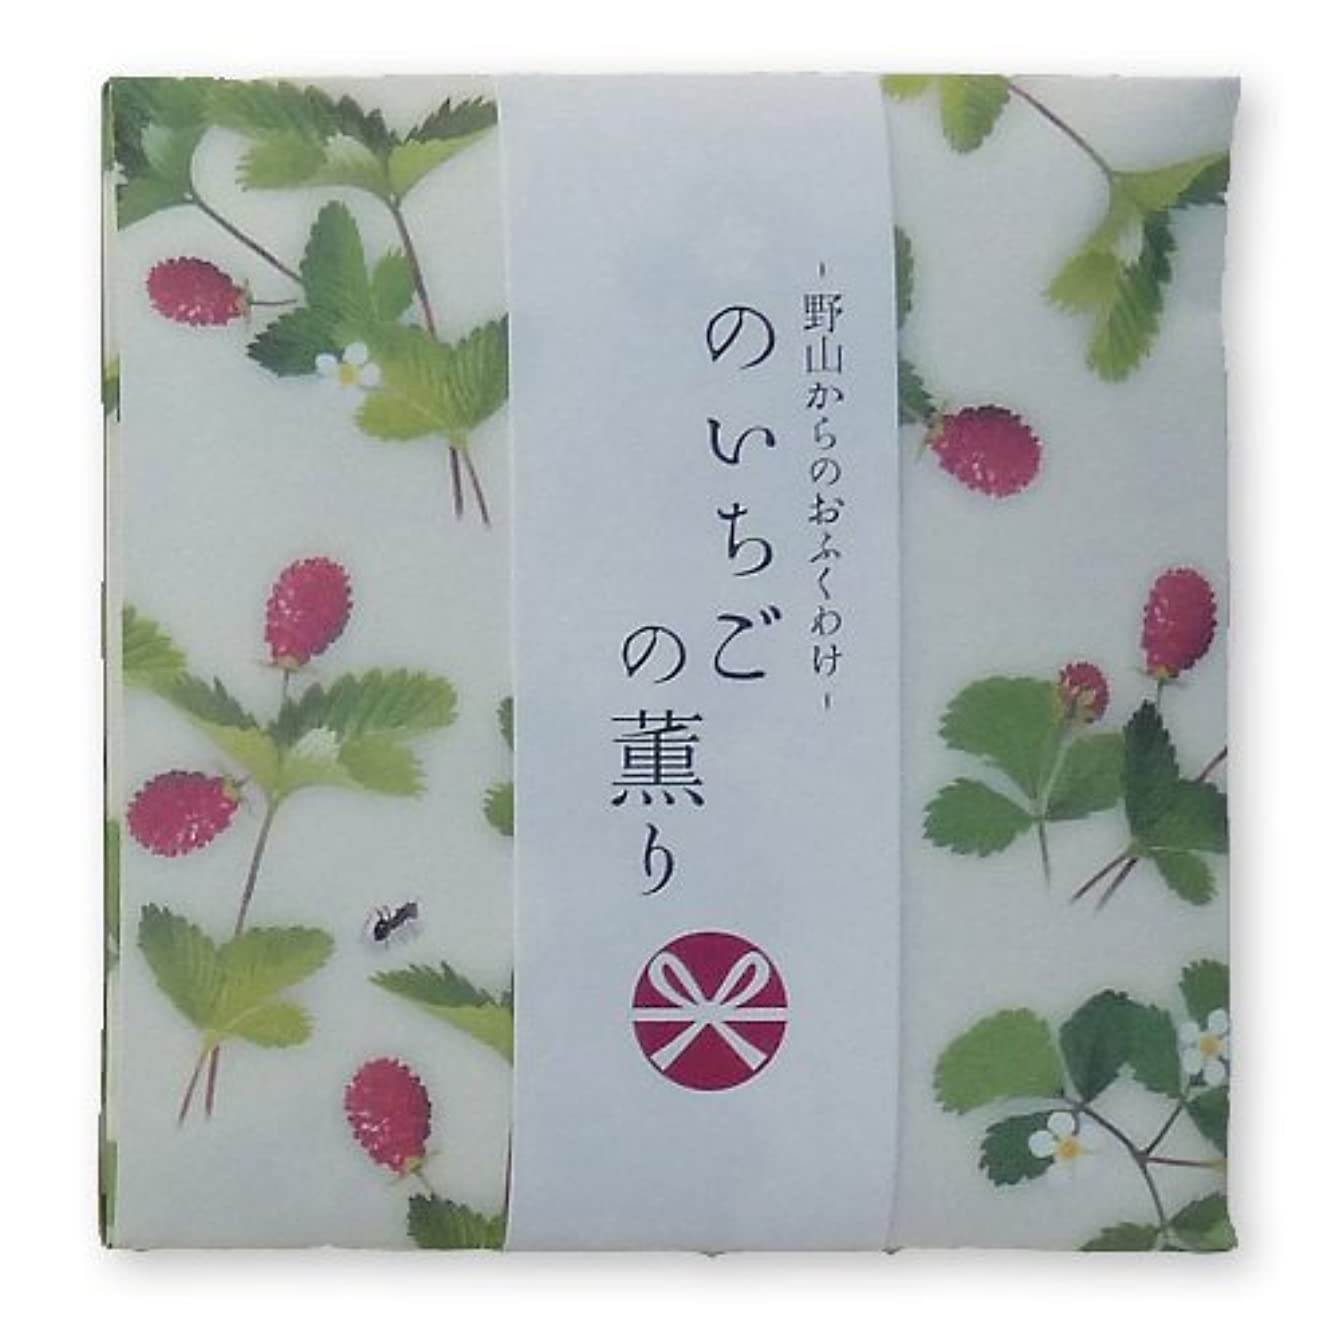 コショウシネマ櫛野山からのおふくわけ のいちごの薫り スティック12本入